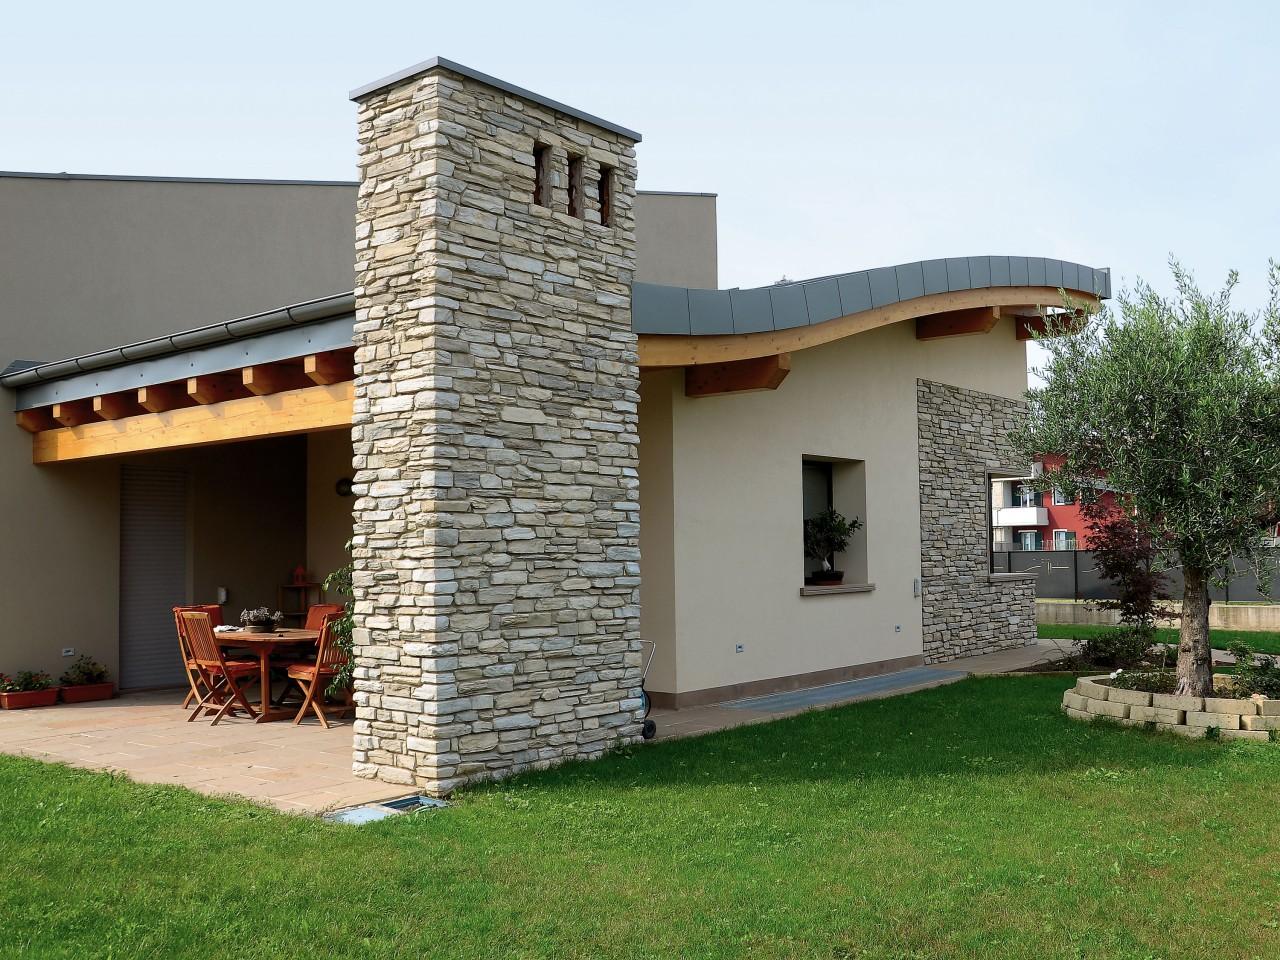 Rivestimento In Pietra Dwg : Rivestimento esterno in pietra dwg parete ventilata in cotto